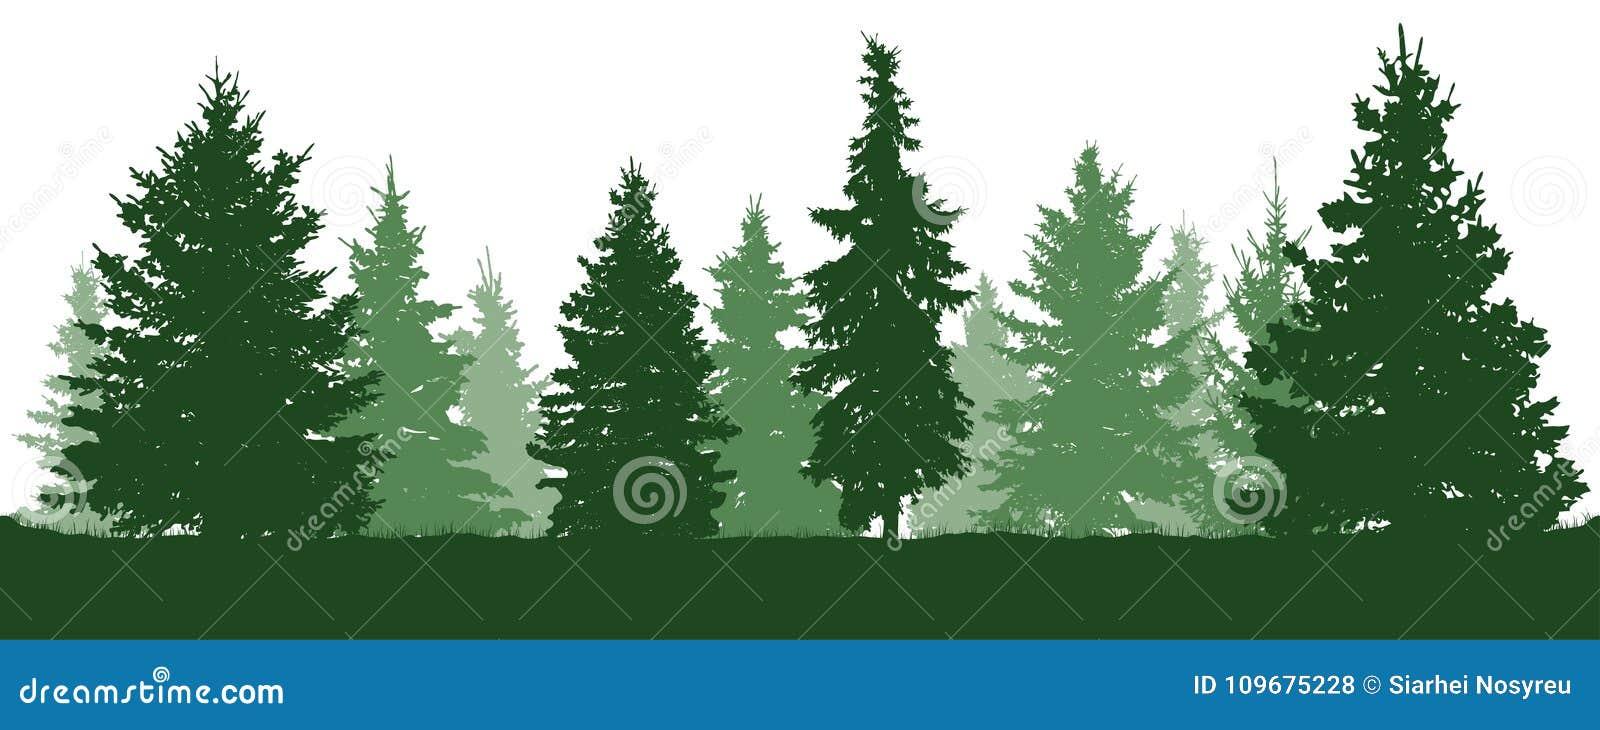 Waldtannenbaumschattenbild Zapfentragende grüne Fichte Vektor auf weißem Hintergrund